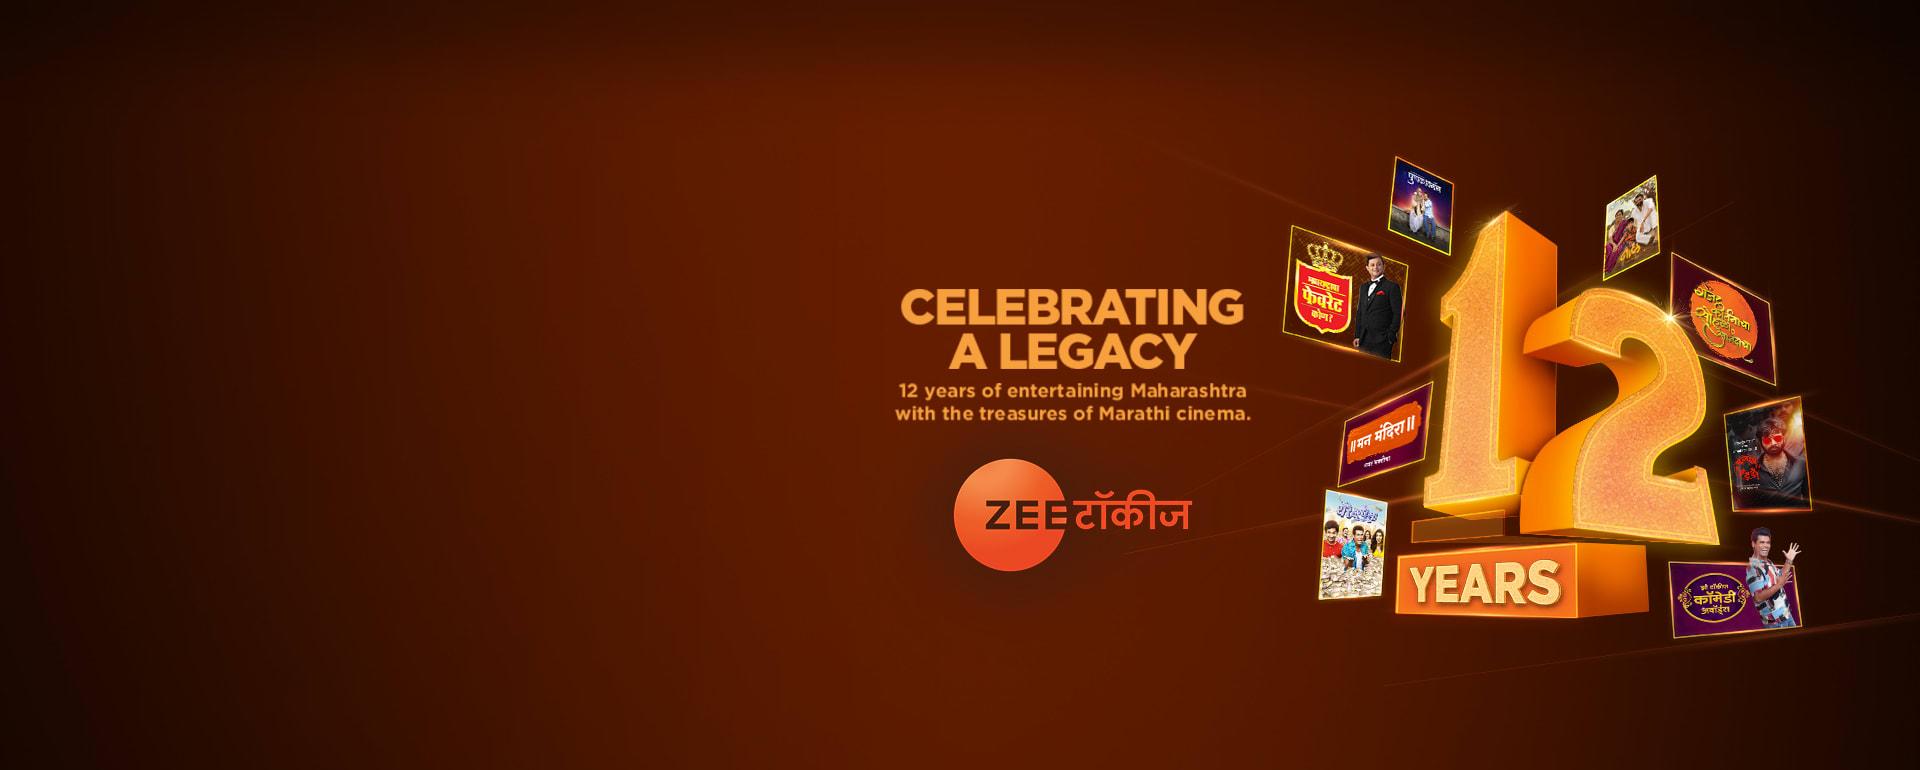 12 Years of Zee Talkies